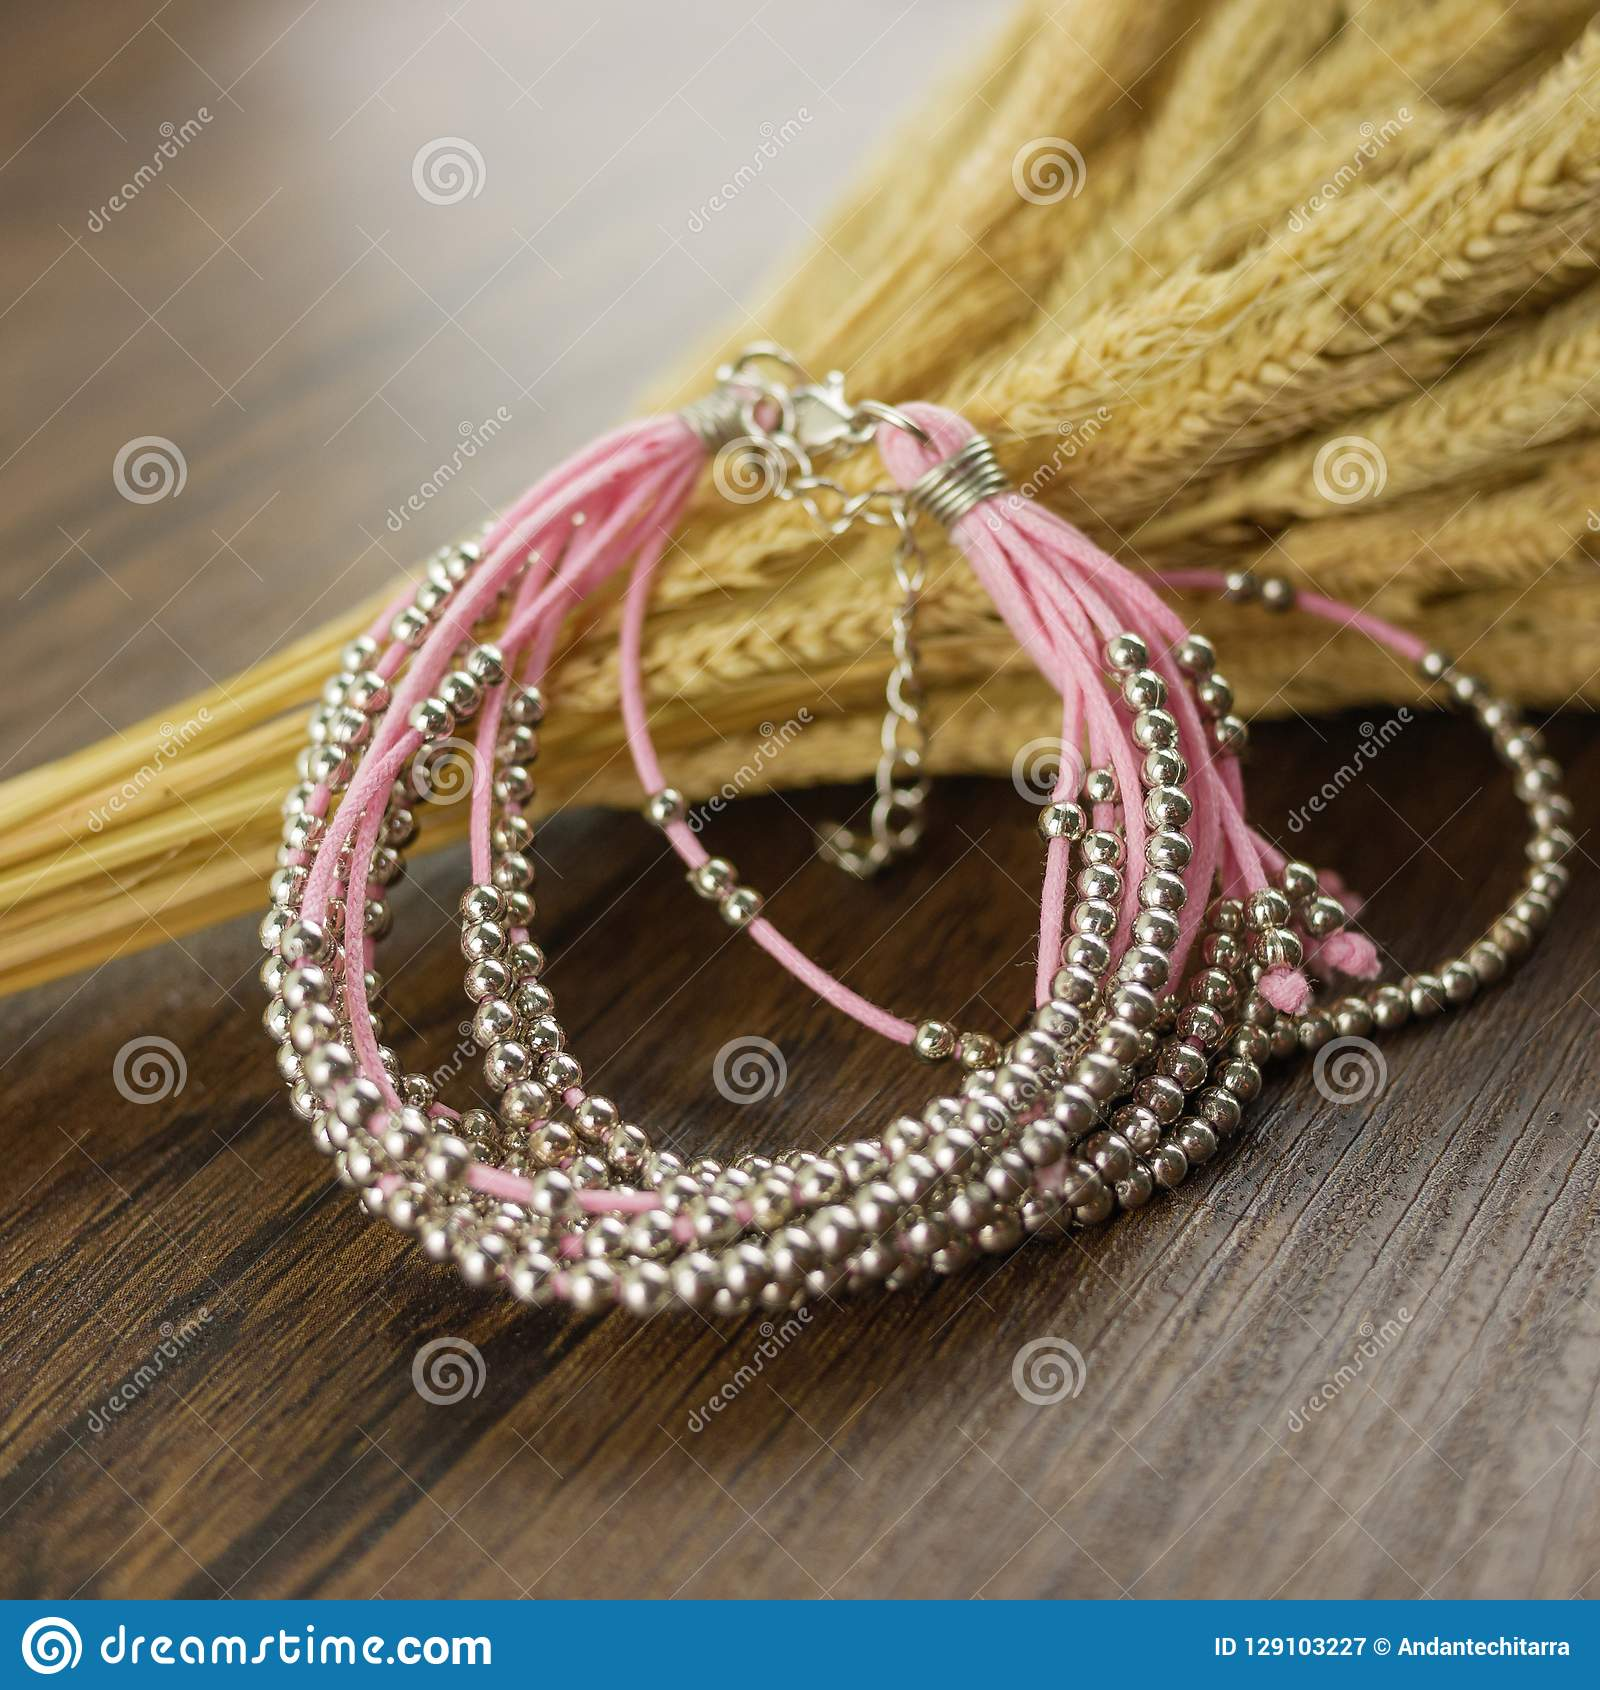 Pink bracelet on wooden background